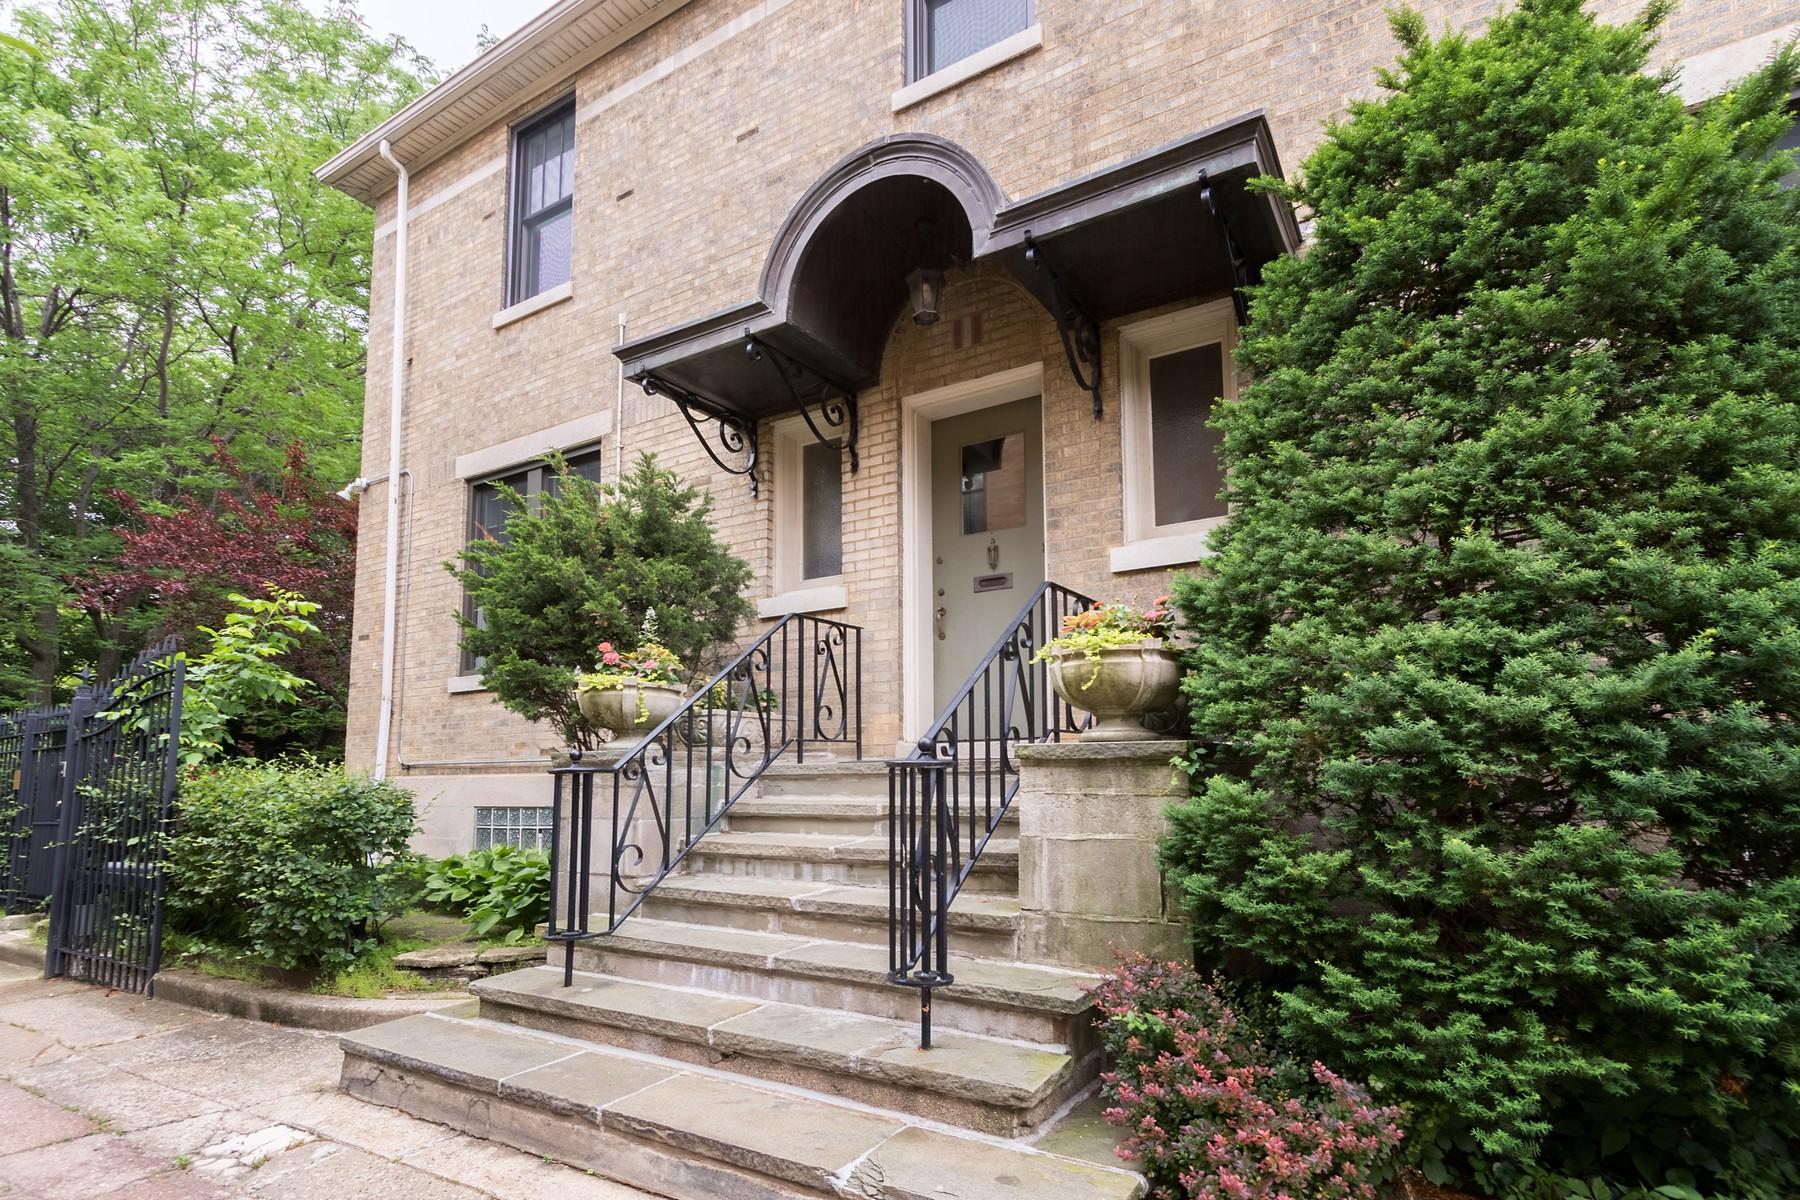 Tek Ailelik Ev için Satış at Historic Bright and Beautiful Home 843 W Castlewood Terrace Uptown, Chicago, Illinois, 60640 Amerika Birleşik Devletleri